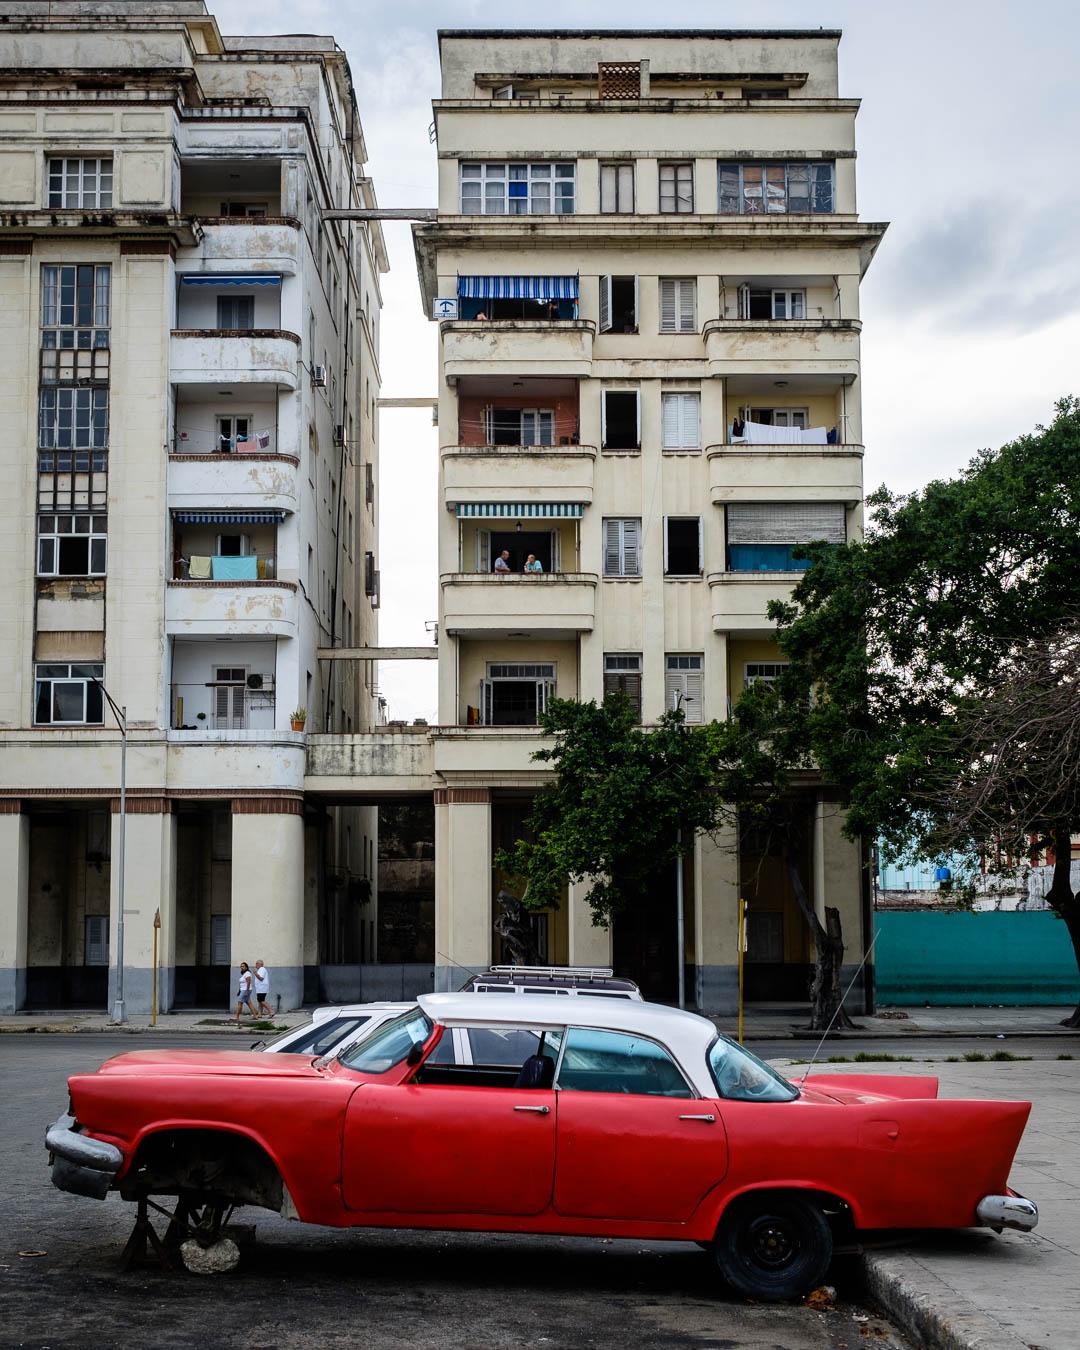 180427-Havana-356-1080.jpg